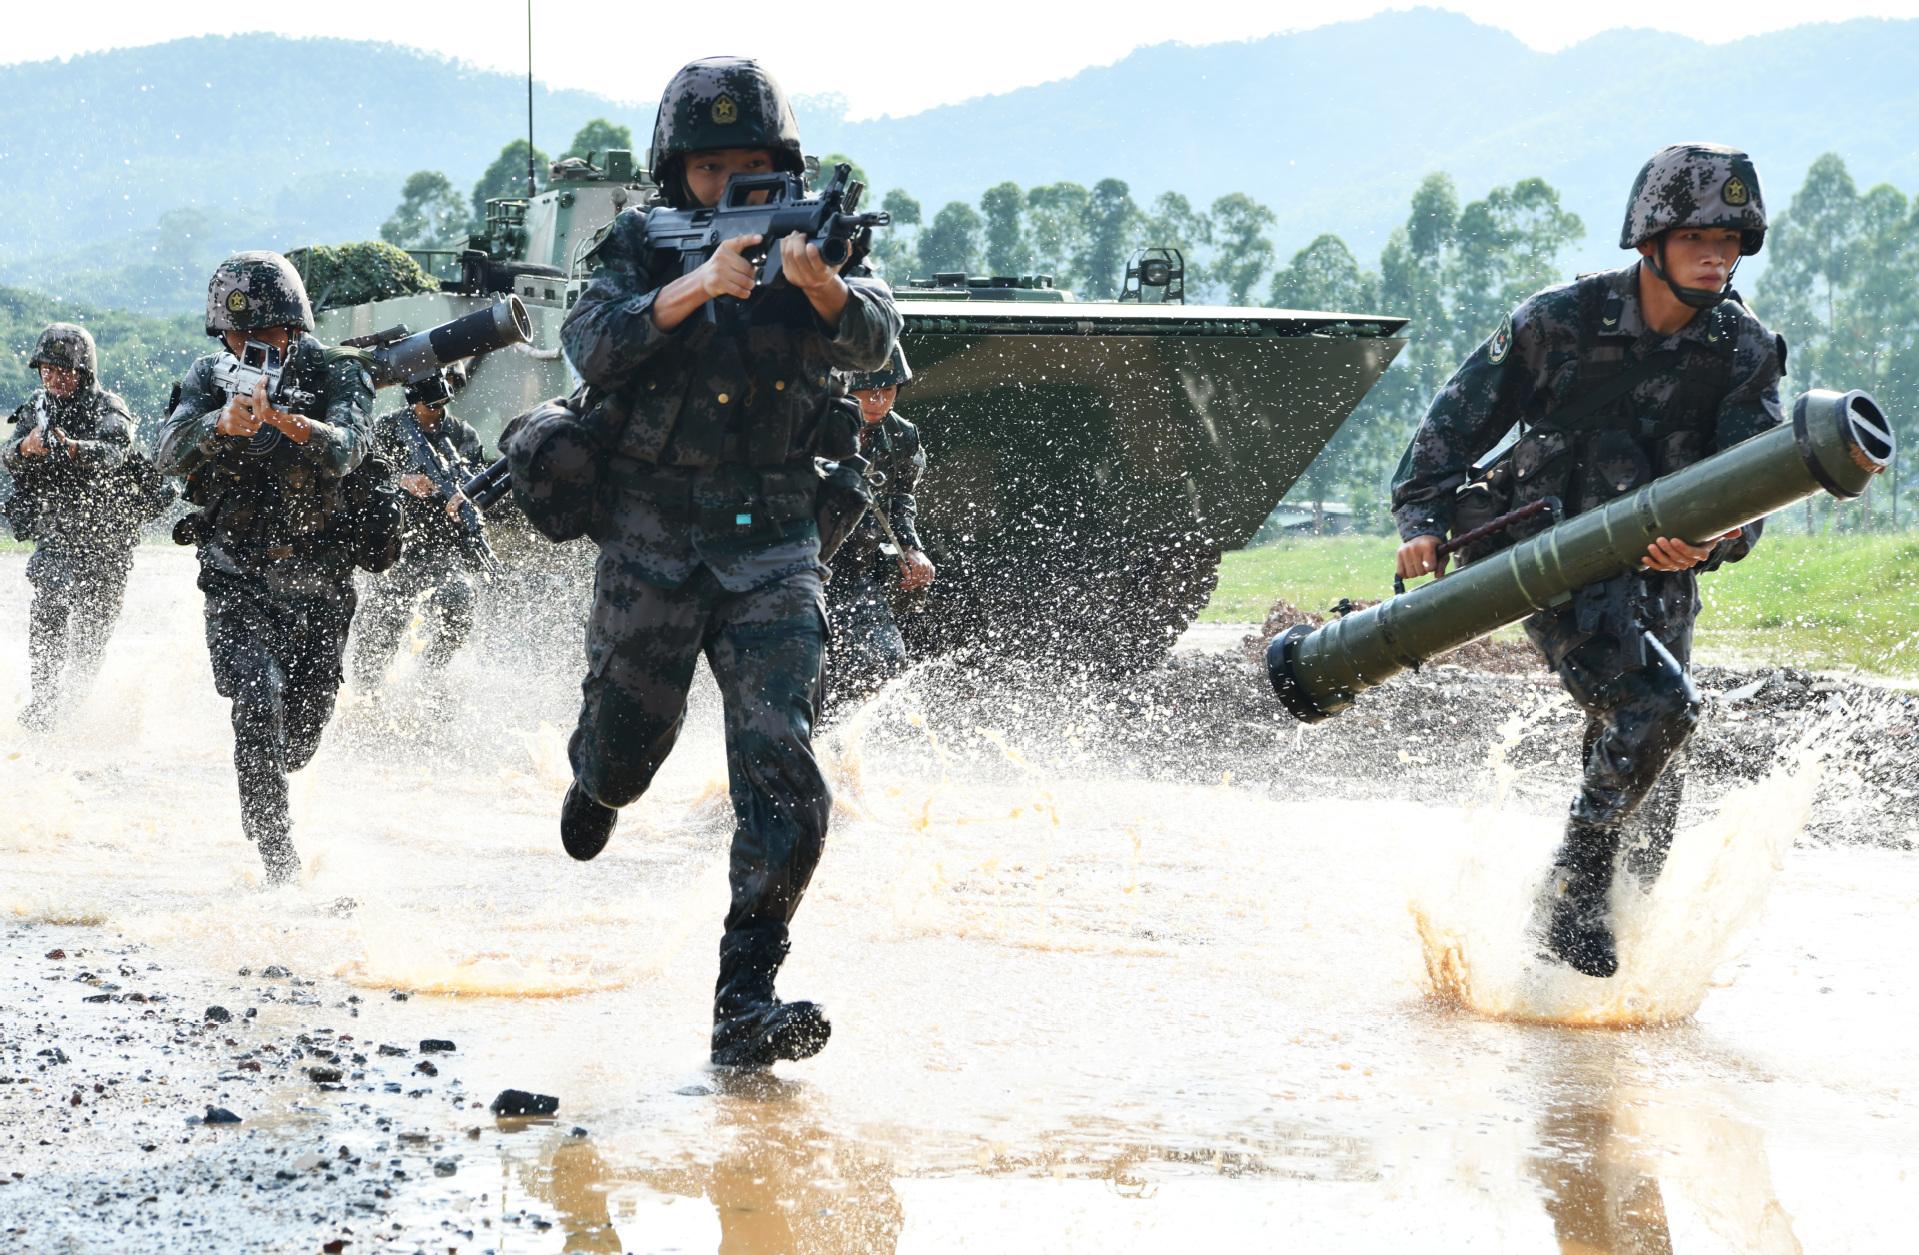 每日一词∣军事职业教育 military professional education